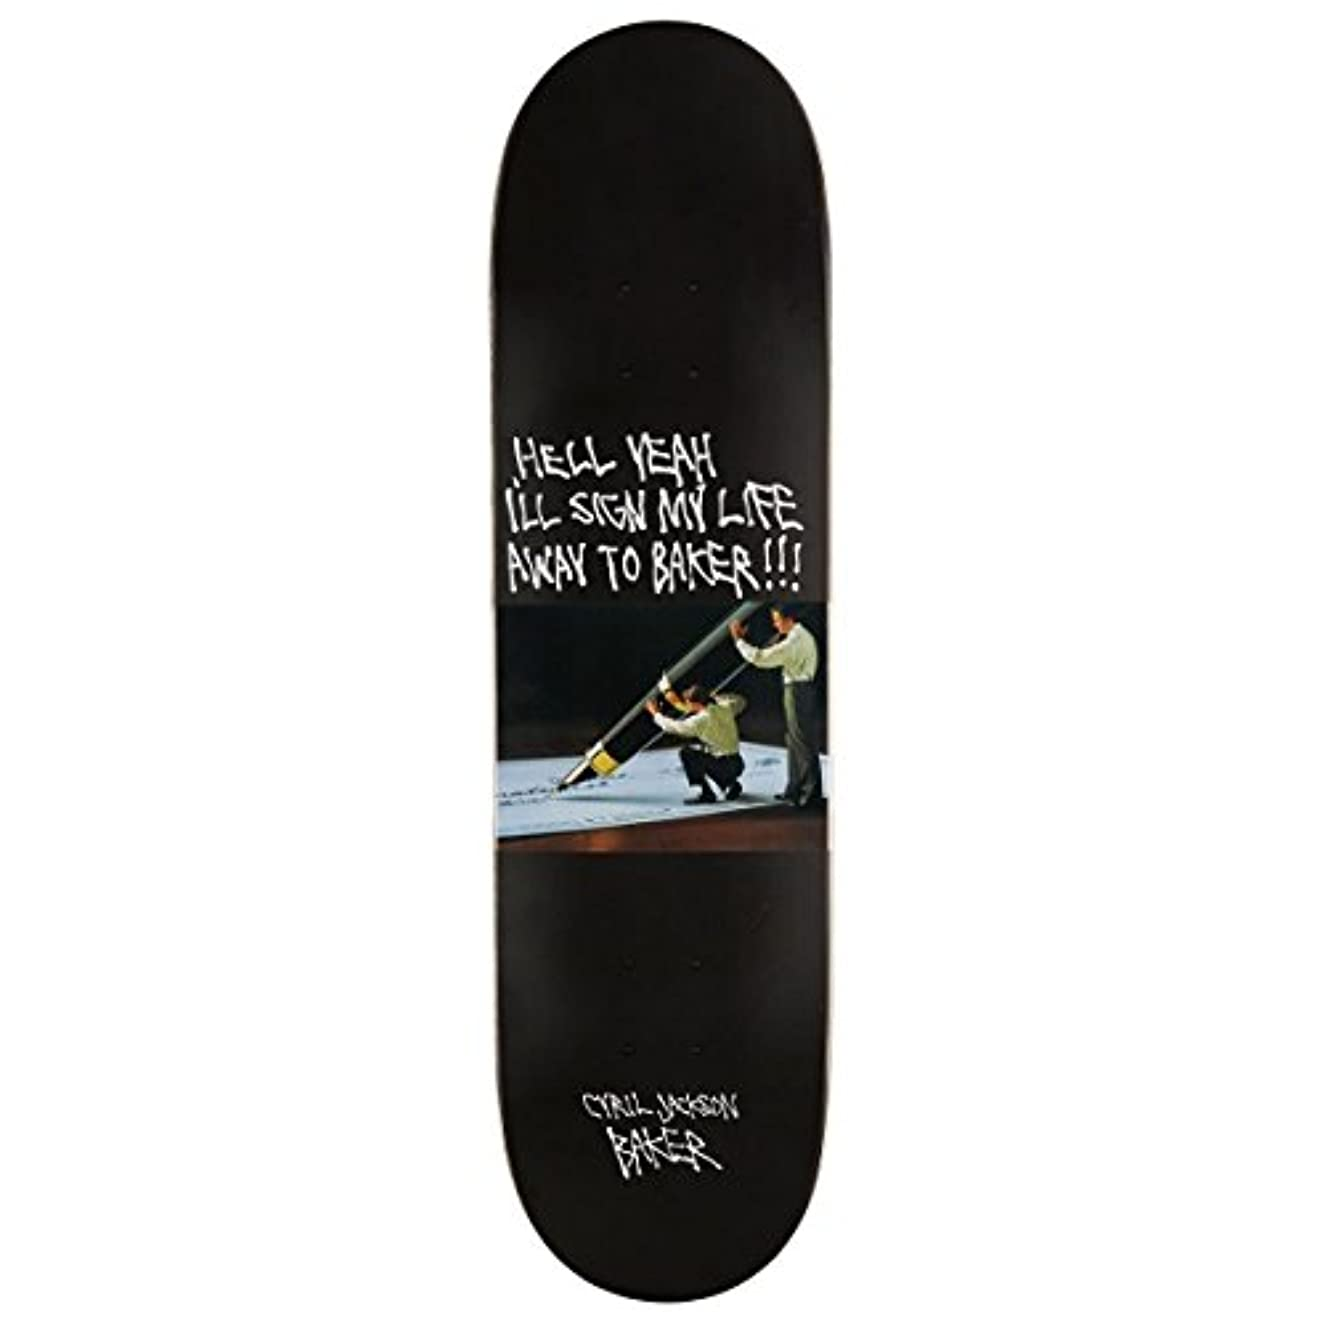 あご感心する結果Baker Cyril スーパーストック スケートボードデッキ - 8.25インチ